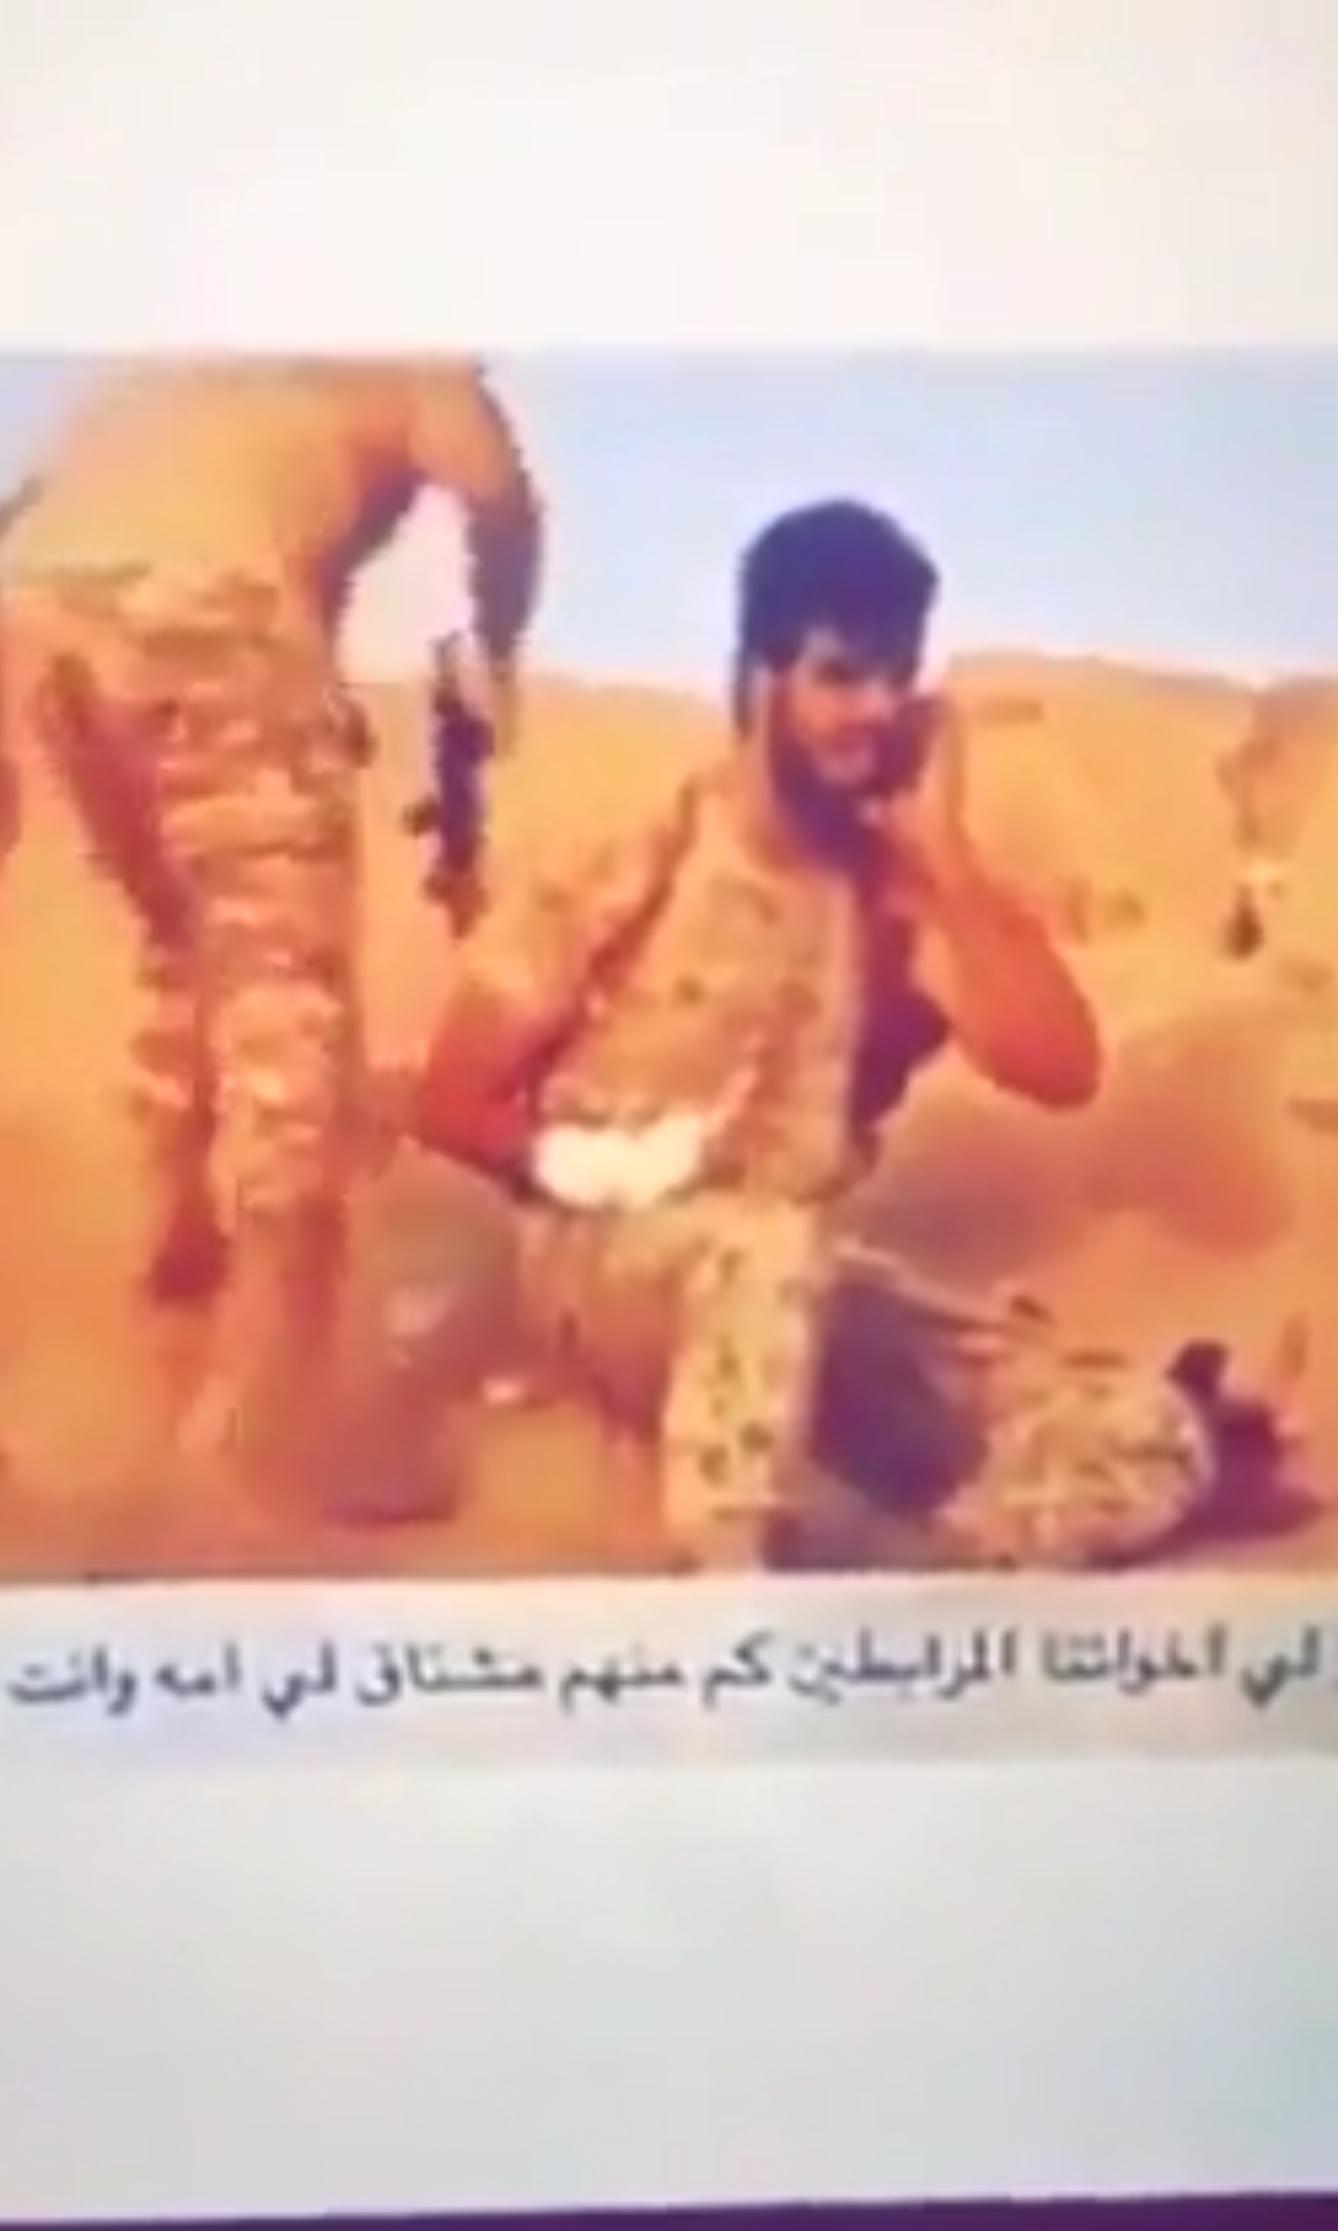 فيديو اقنصوا خويه الحوثيين وهو يكلم أمه ادعوا لنا ادعوا لنا